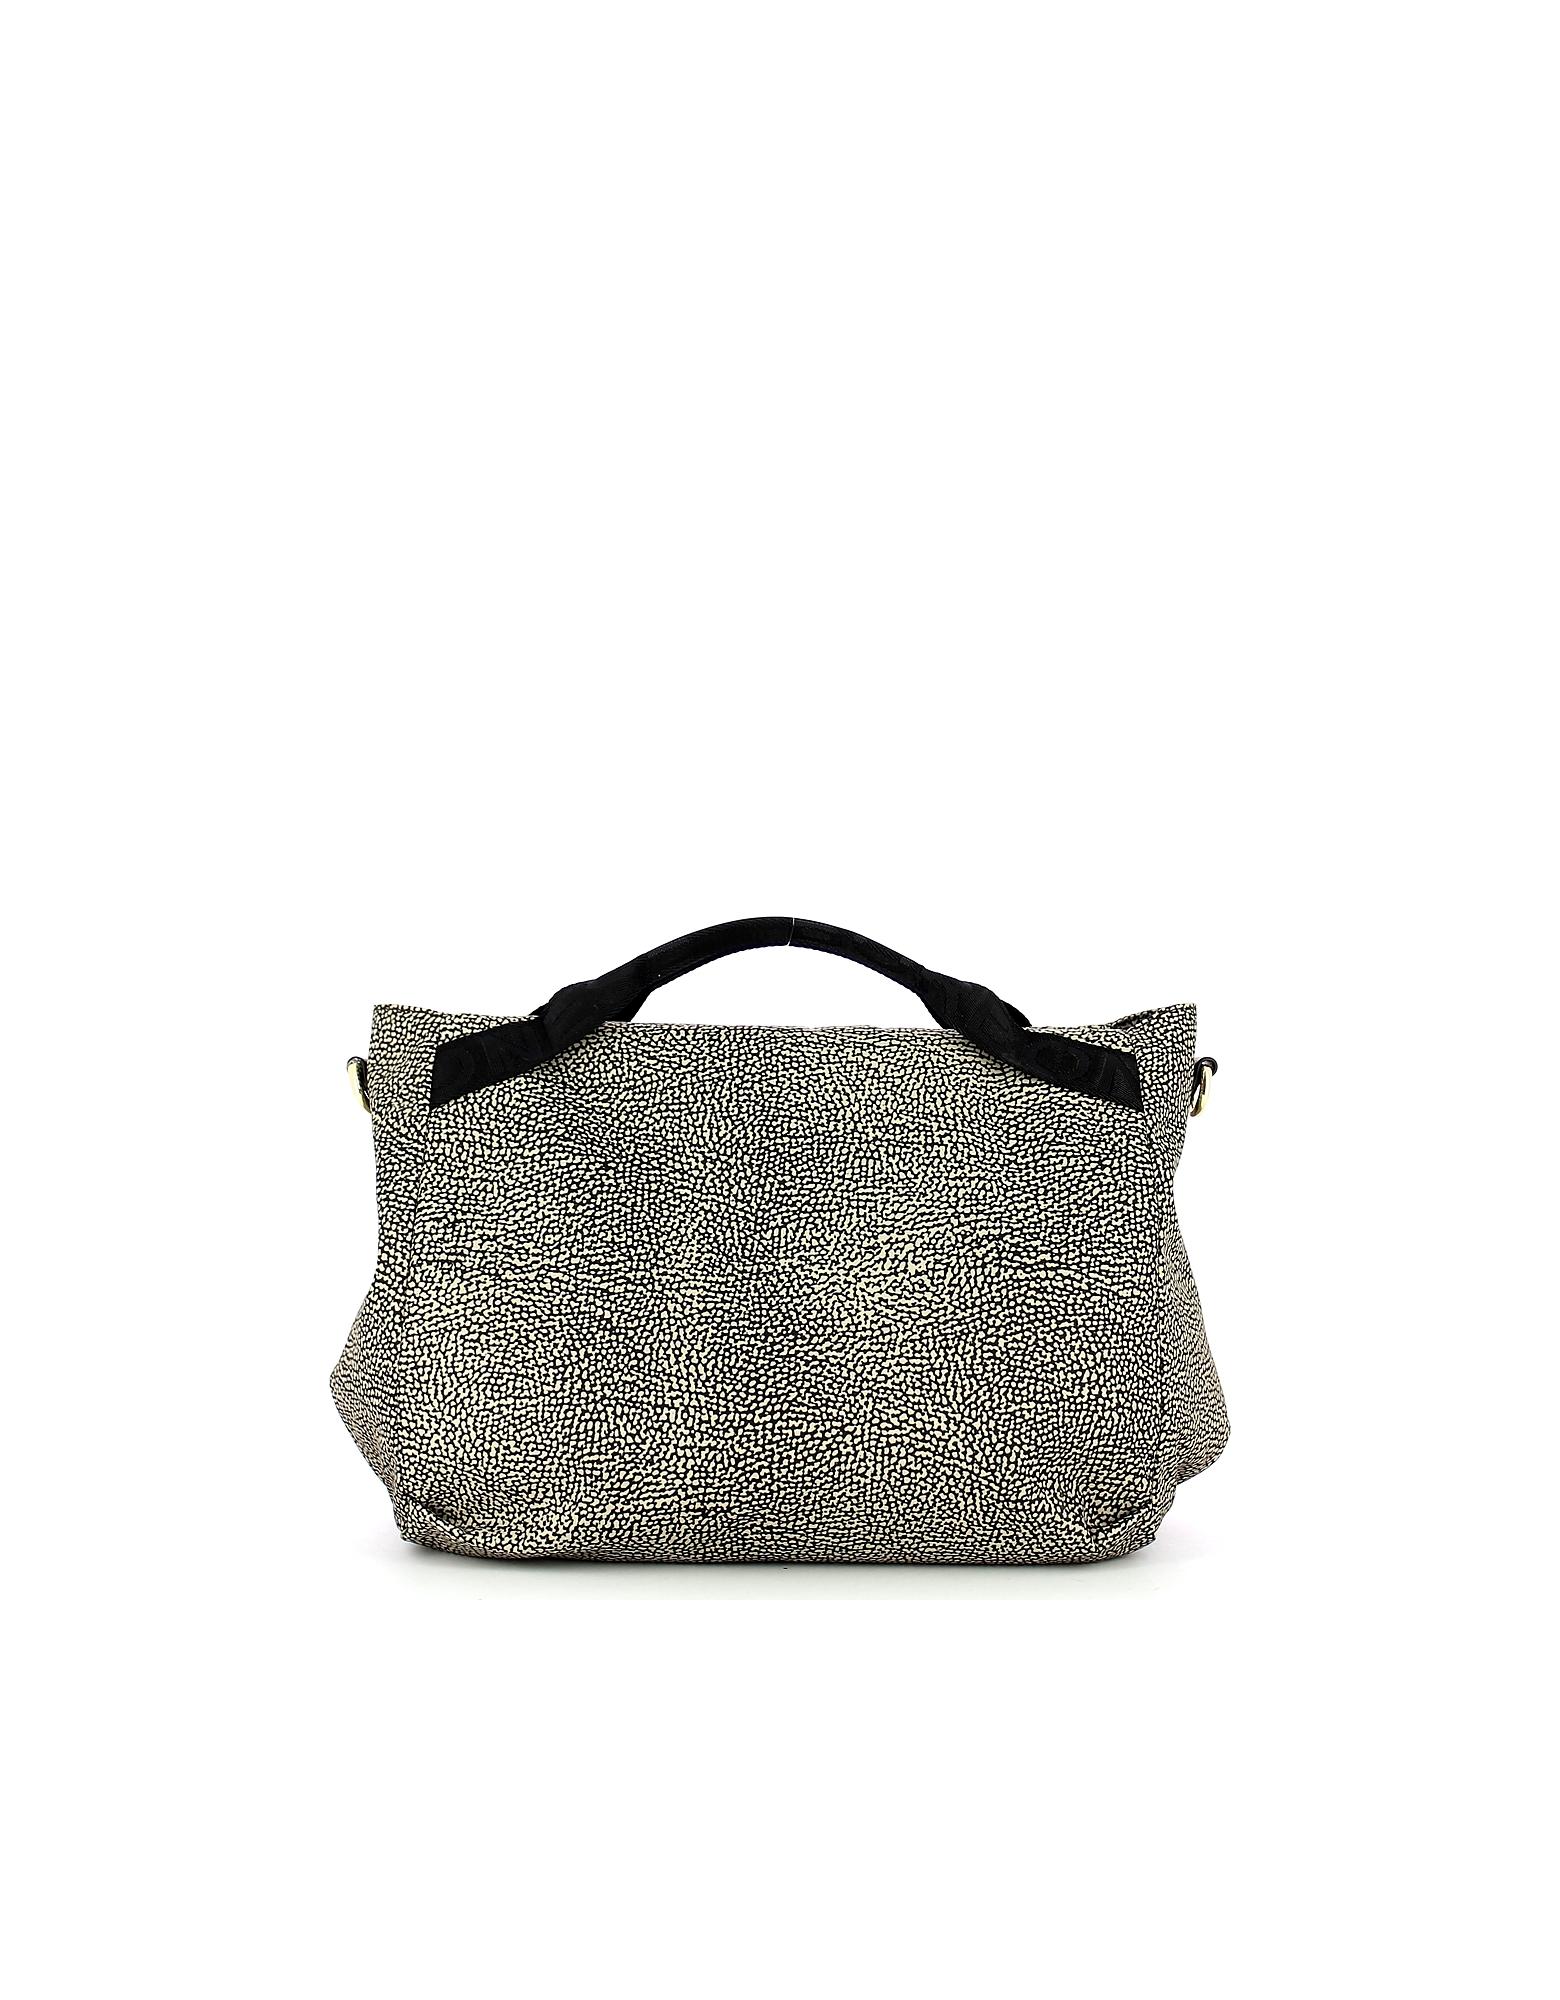 Borbonese Designer Handbags, Women's Black Bag